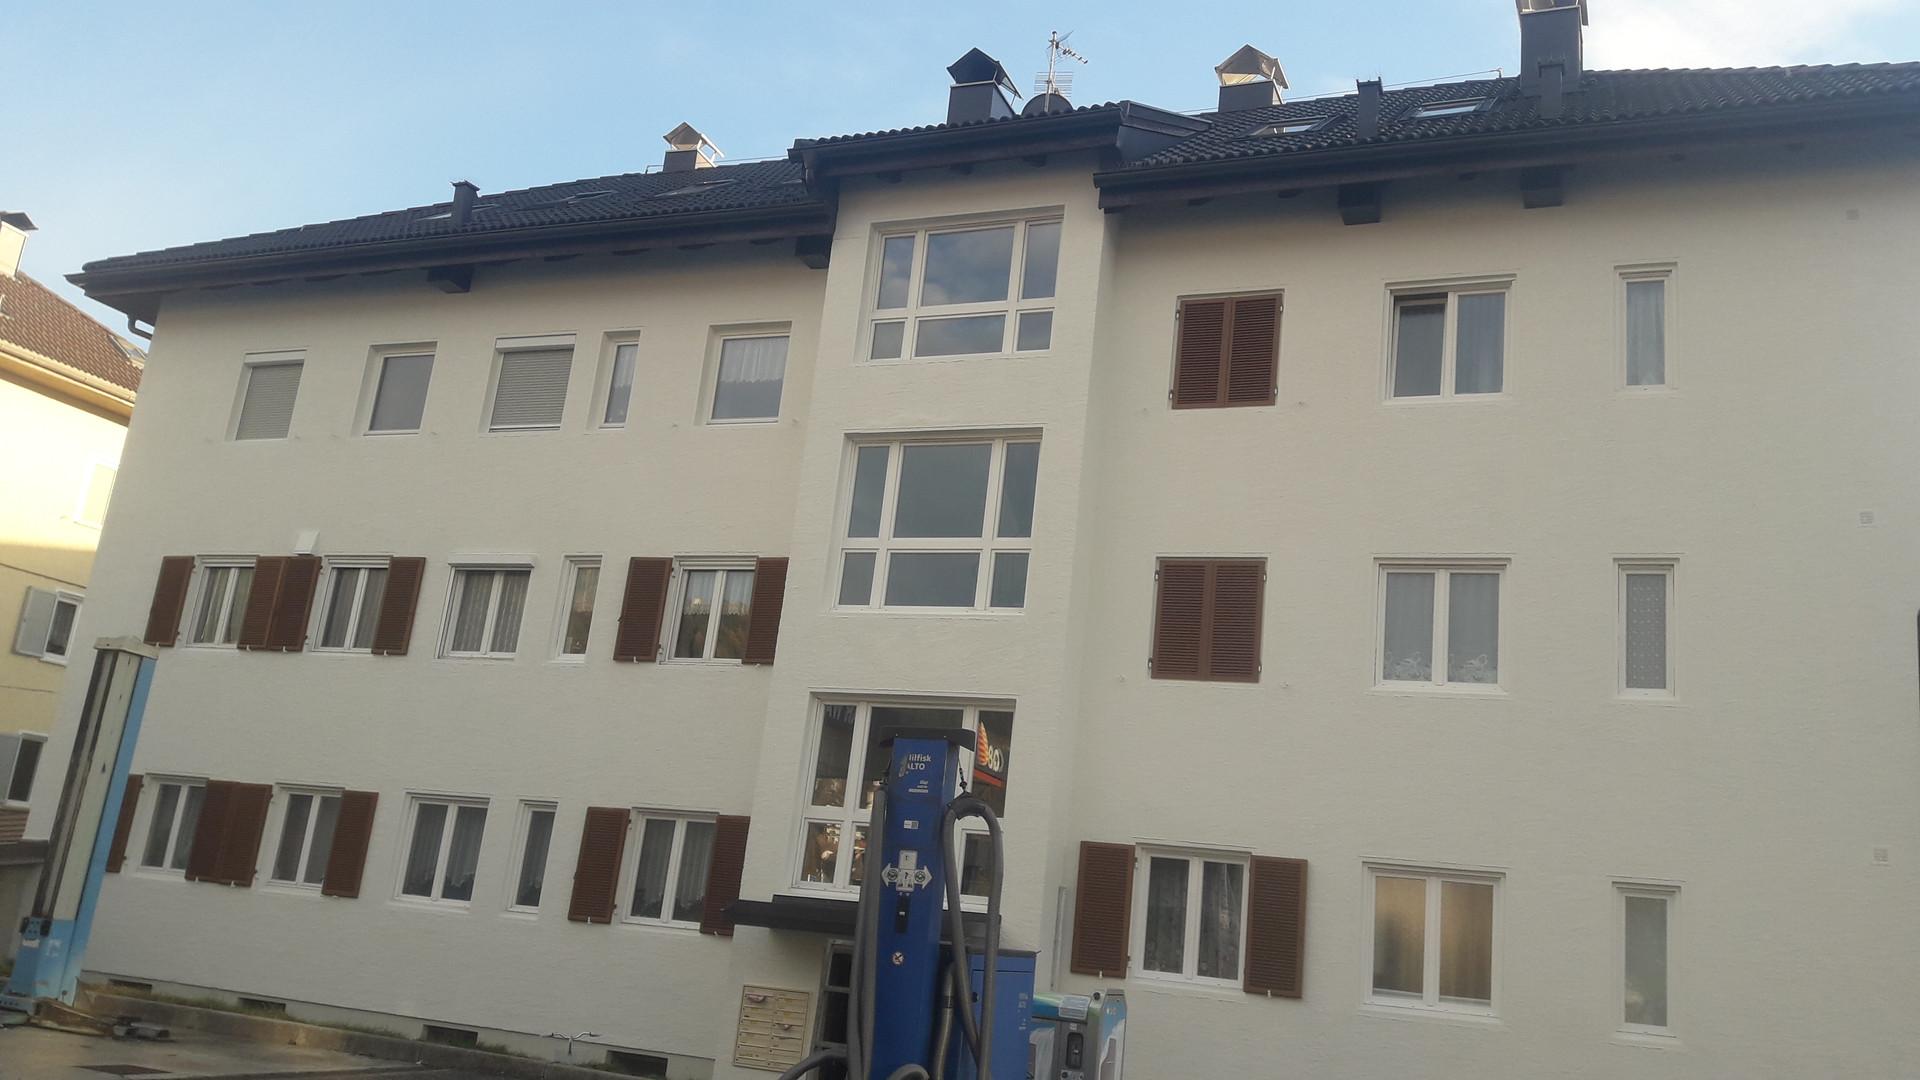 Kondominium Kronplatz - Bruneck